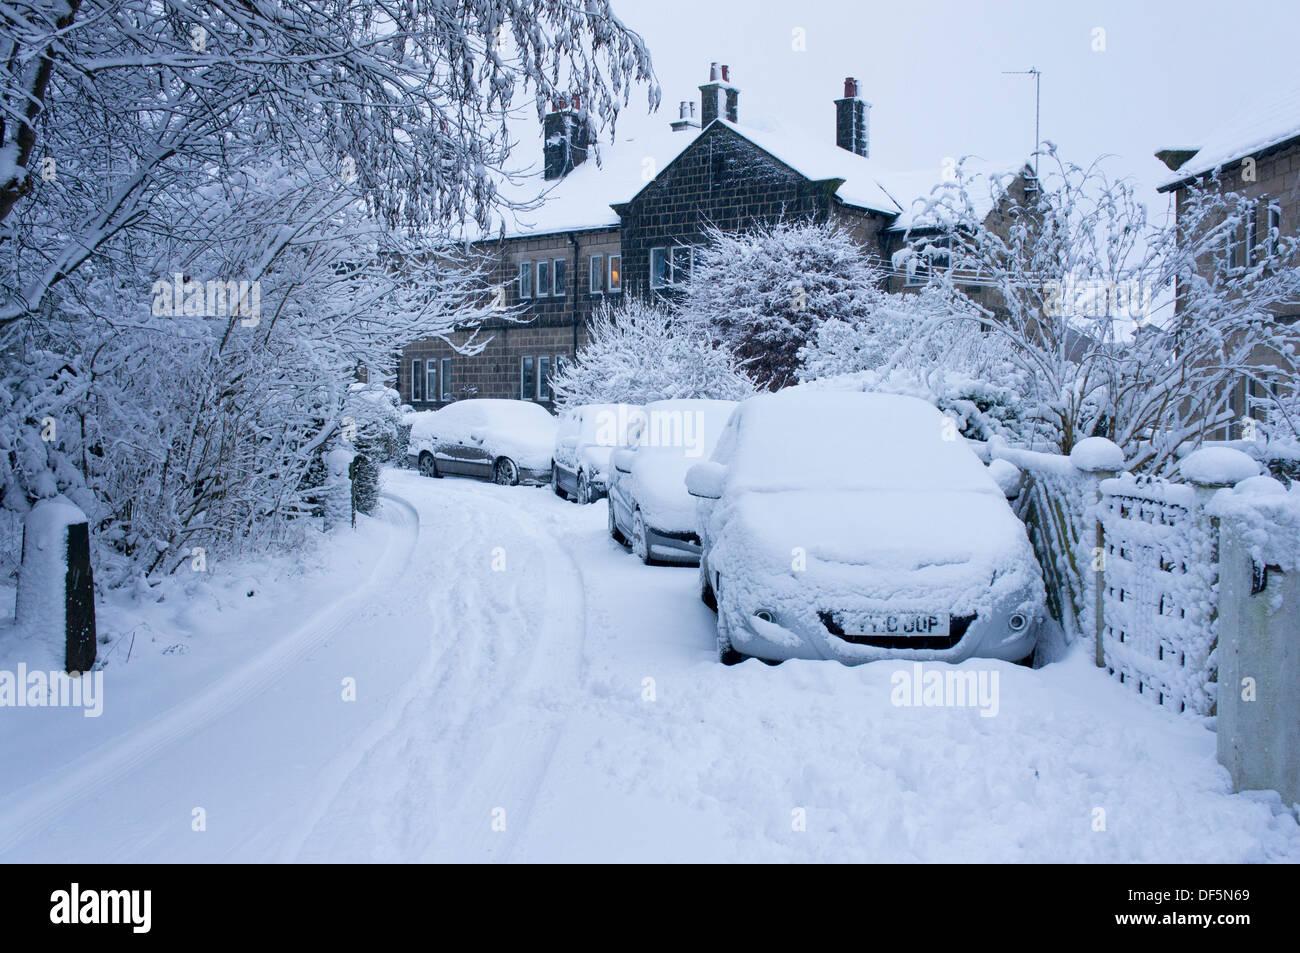 Winter Szene mit parkenden Autos außerhalb Doppelhaushälfte in einer ruhigen Wohnstraße, alle im Vertrag von frischem Schnee - Guiseley, England, UK. Stockbild